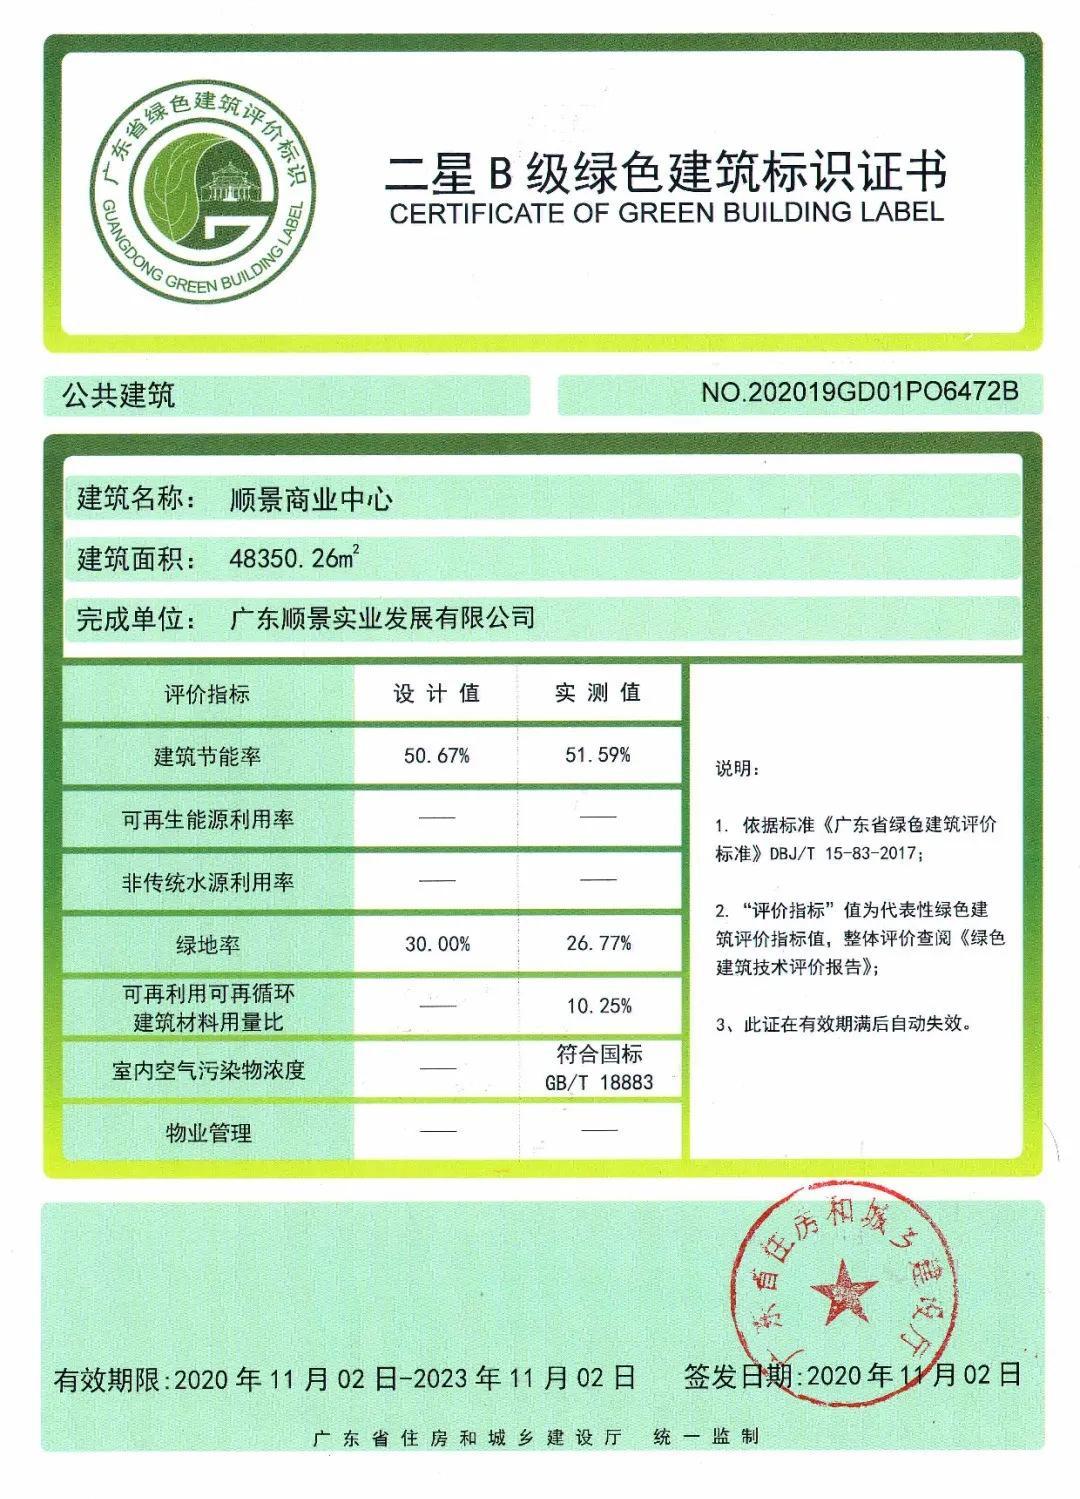 """喜报 顺景商业中心获广东省""""二星级绿色建筑"""""""